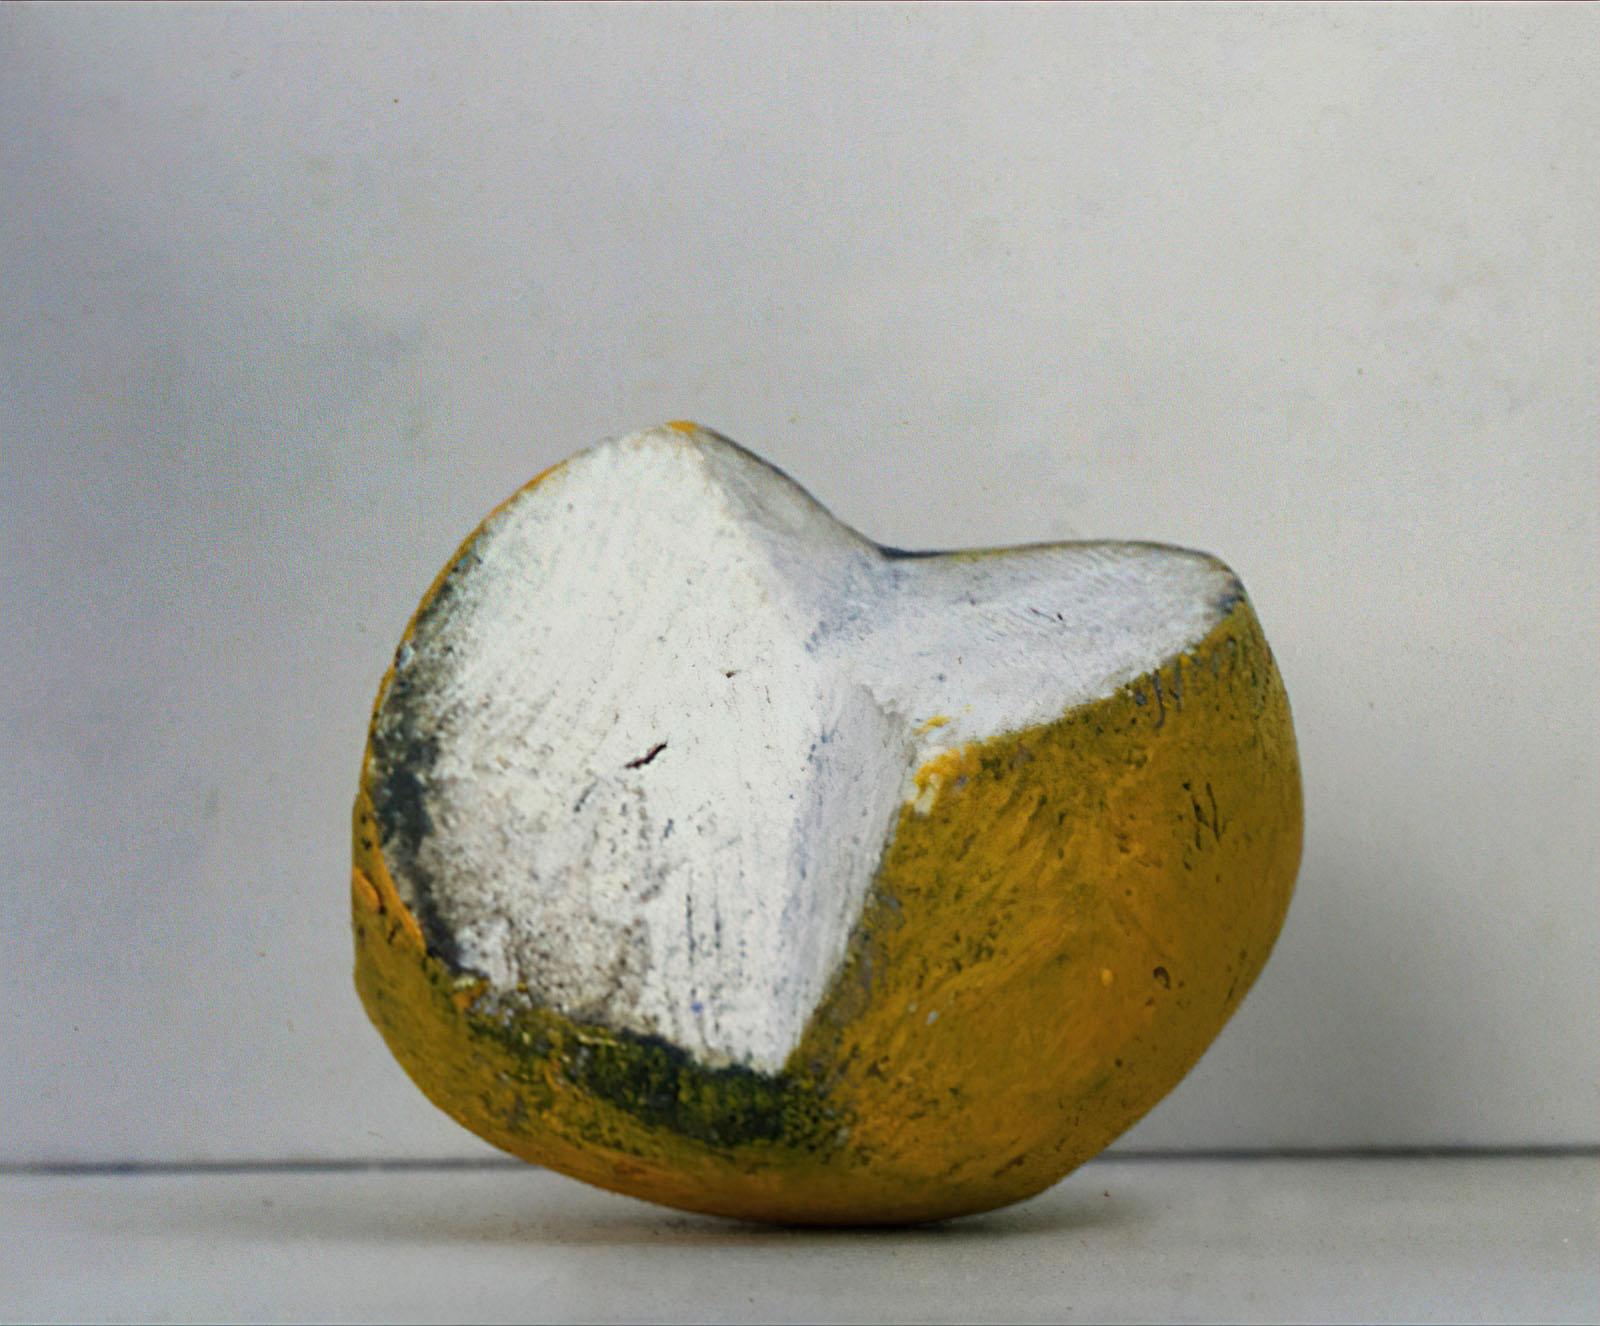 Emile Gilioli - La Fleur jaune